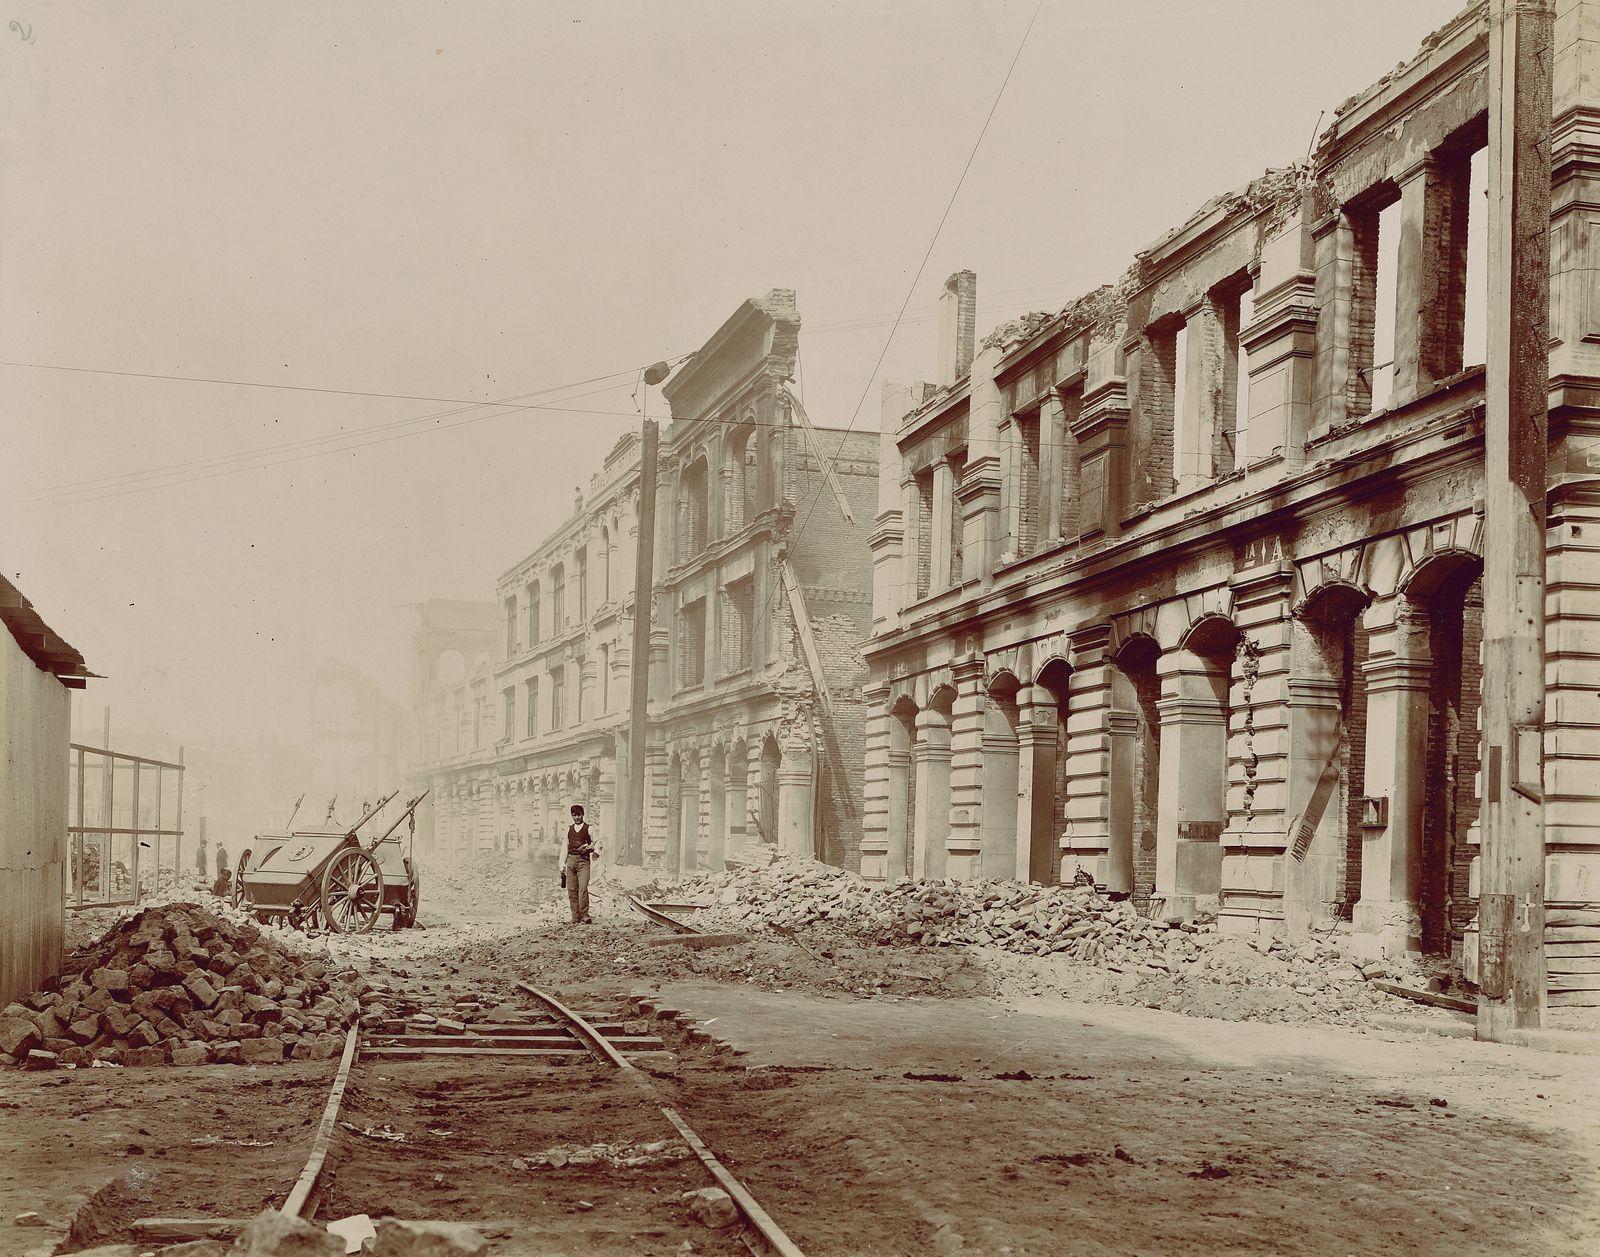 Historische Reisebilder - Via Blanco, Valparaiso, nach dem Erdbeben im August 1906